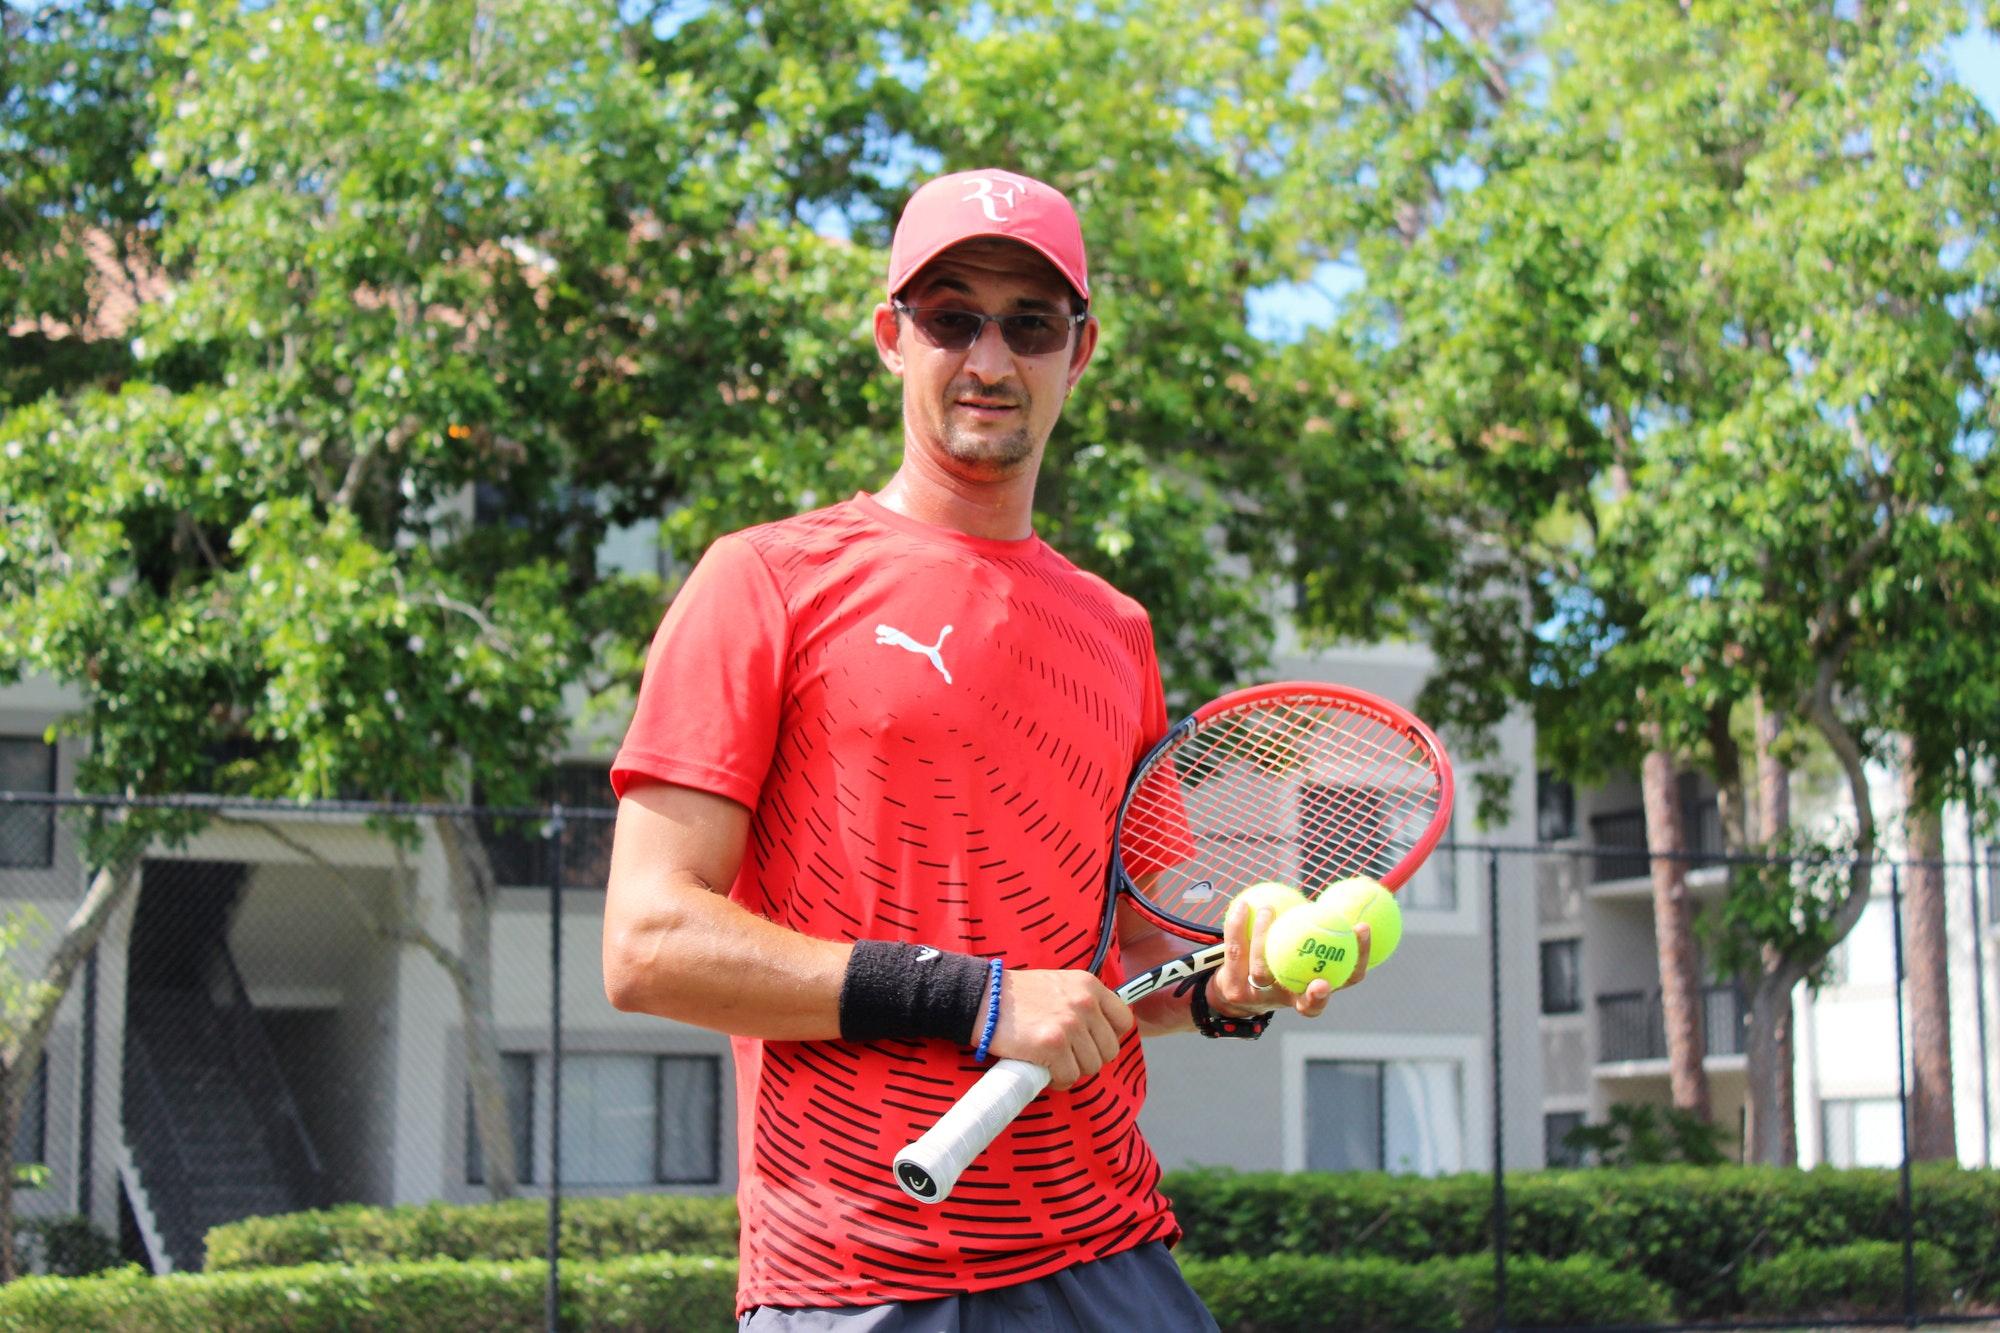 Igor S. teaches tennis lessons in Boca Raton, FL